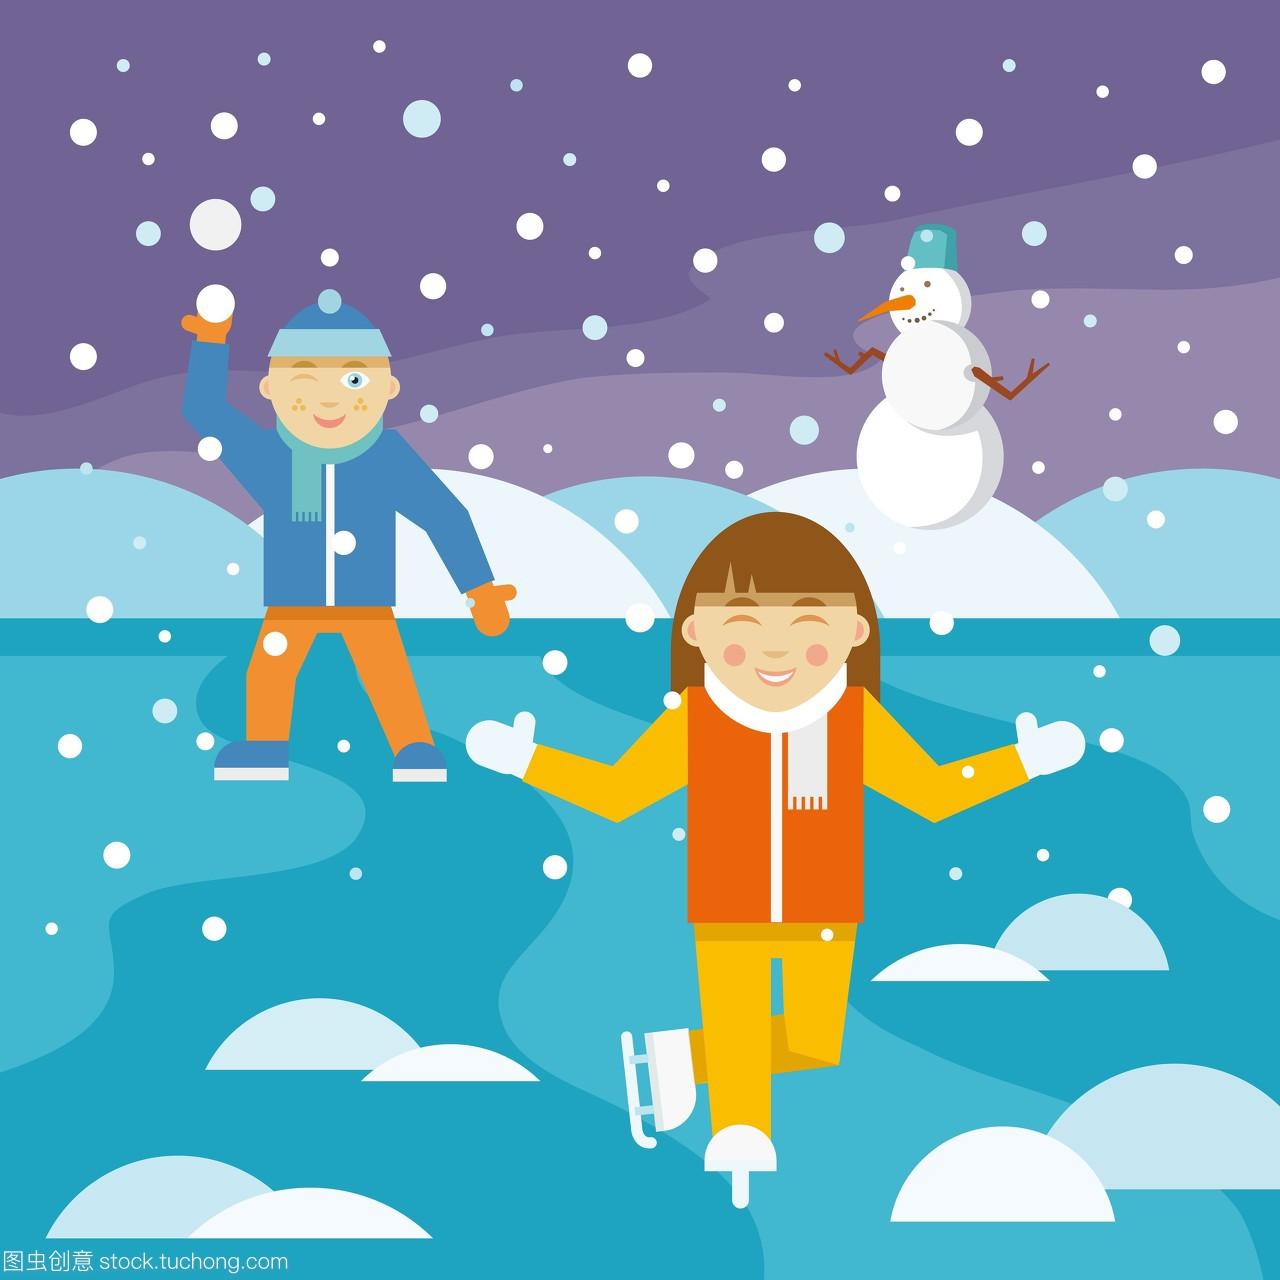 天,雪人,活动,a雪人,娱乐,滑冰娱乐,雪,玩耍,男孩,包的女生骚图片